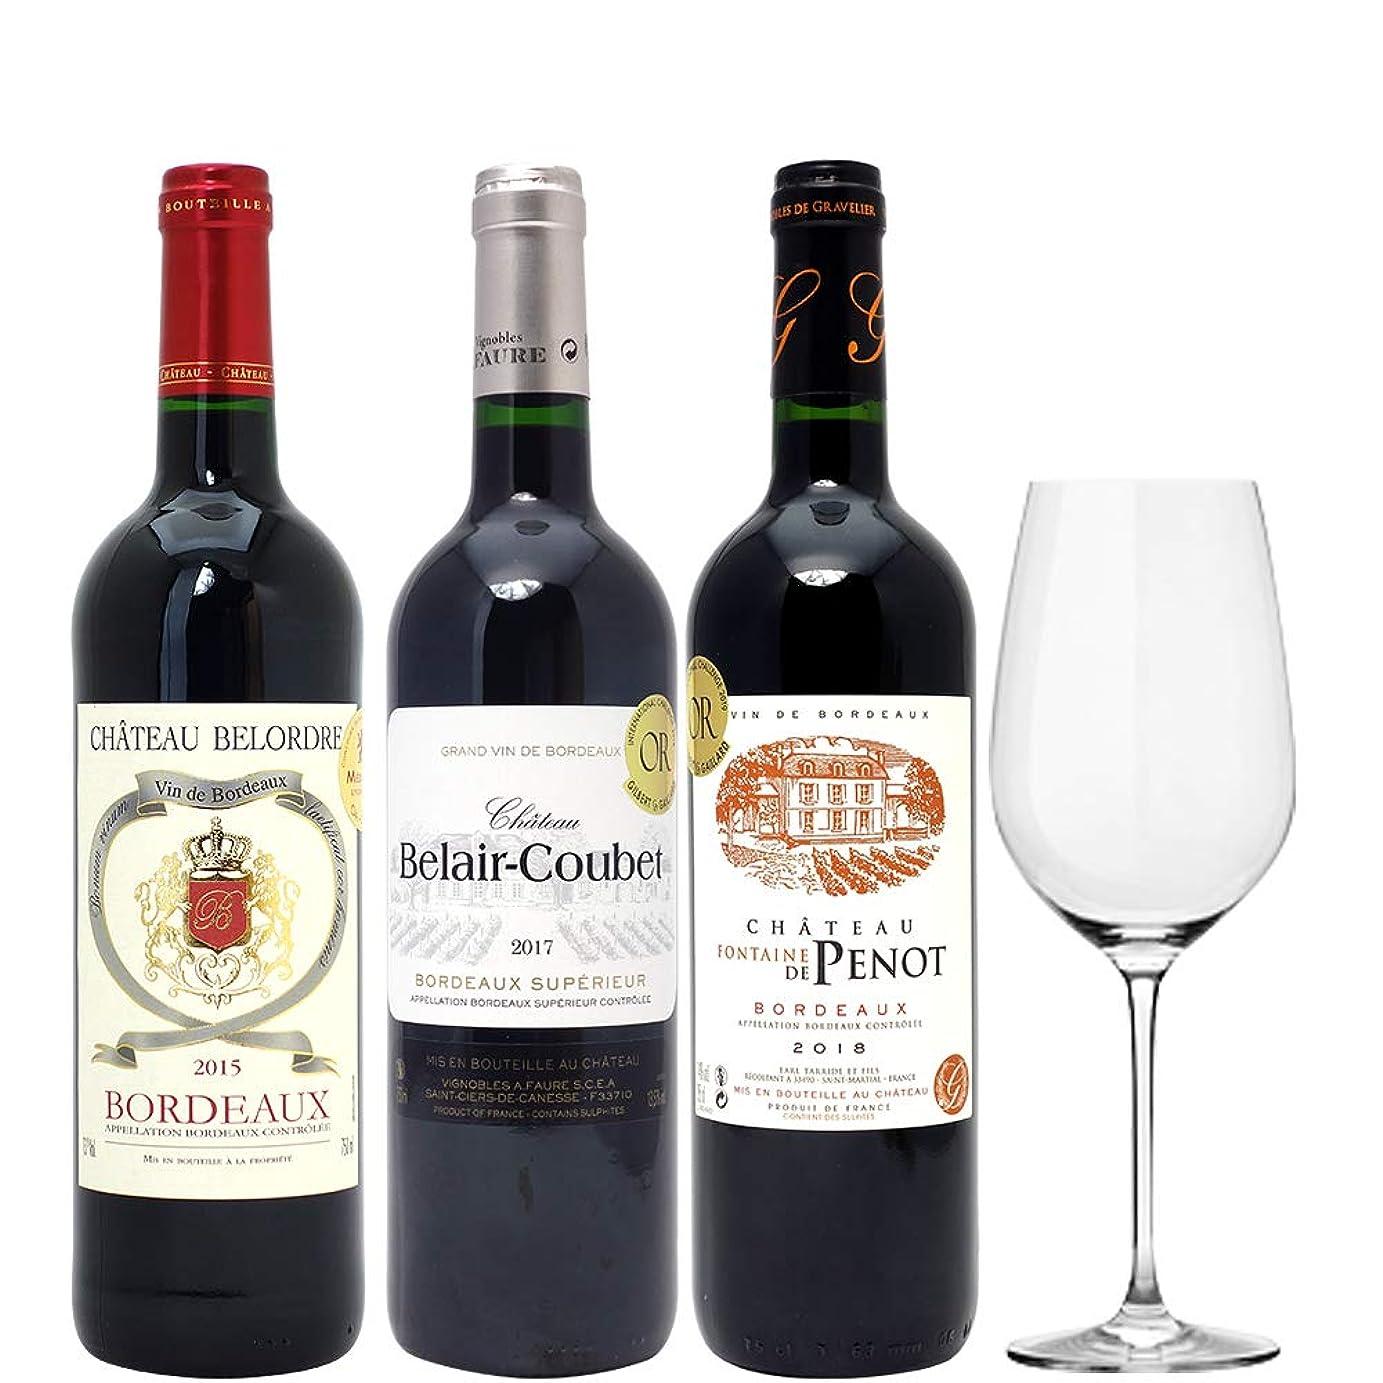 シャー上へ北米お試しセット!全て金賞ボルドー 辛口赤ワイン3本セット+クリスタルグラス1客((W0GL06SE))(750mlx3本ワイン+グラス1客)